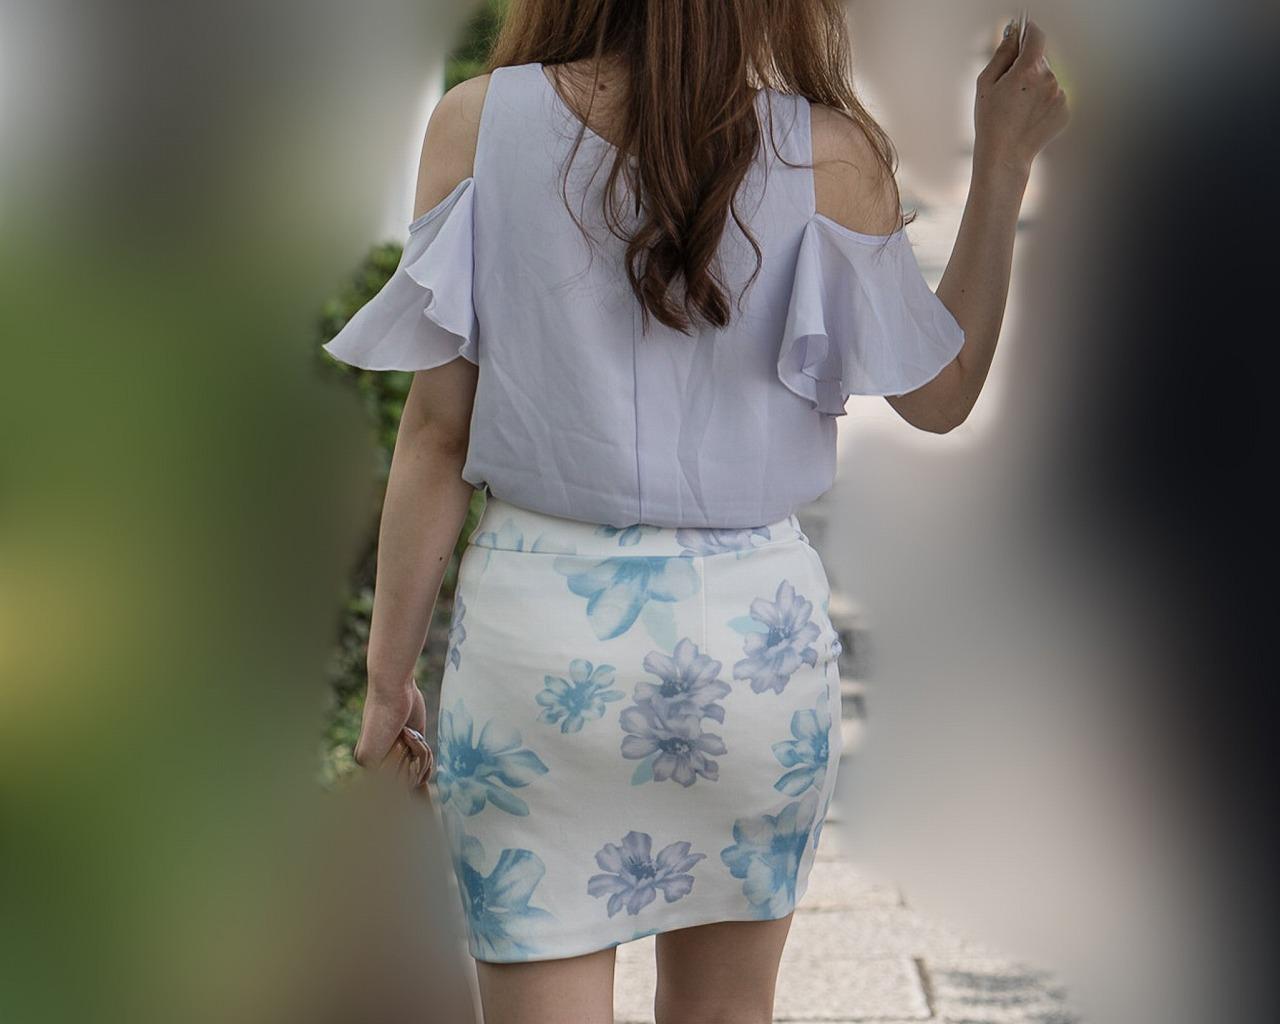 エロいファッションだなあ!美尻に美脚アピールのミニタイスカお姉さん!